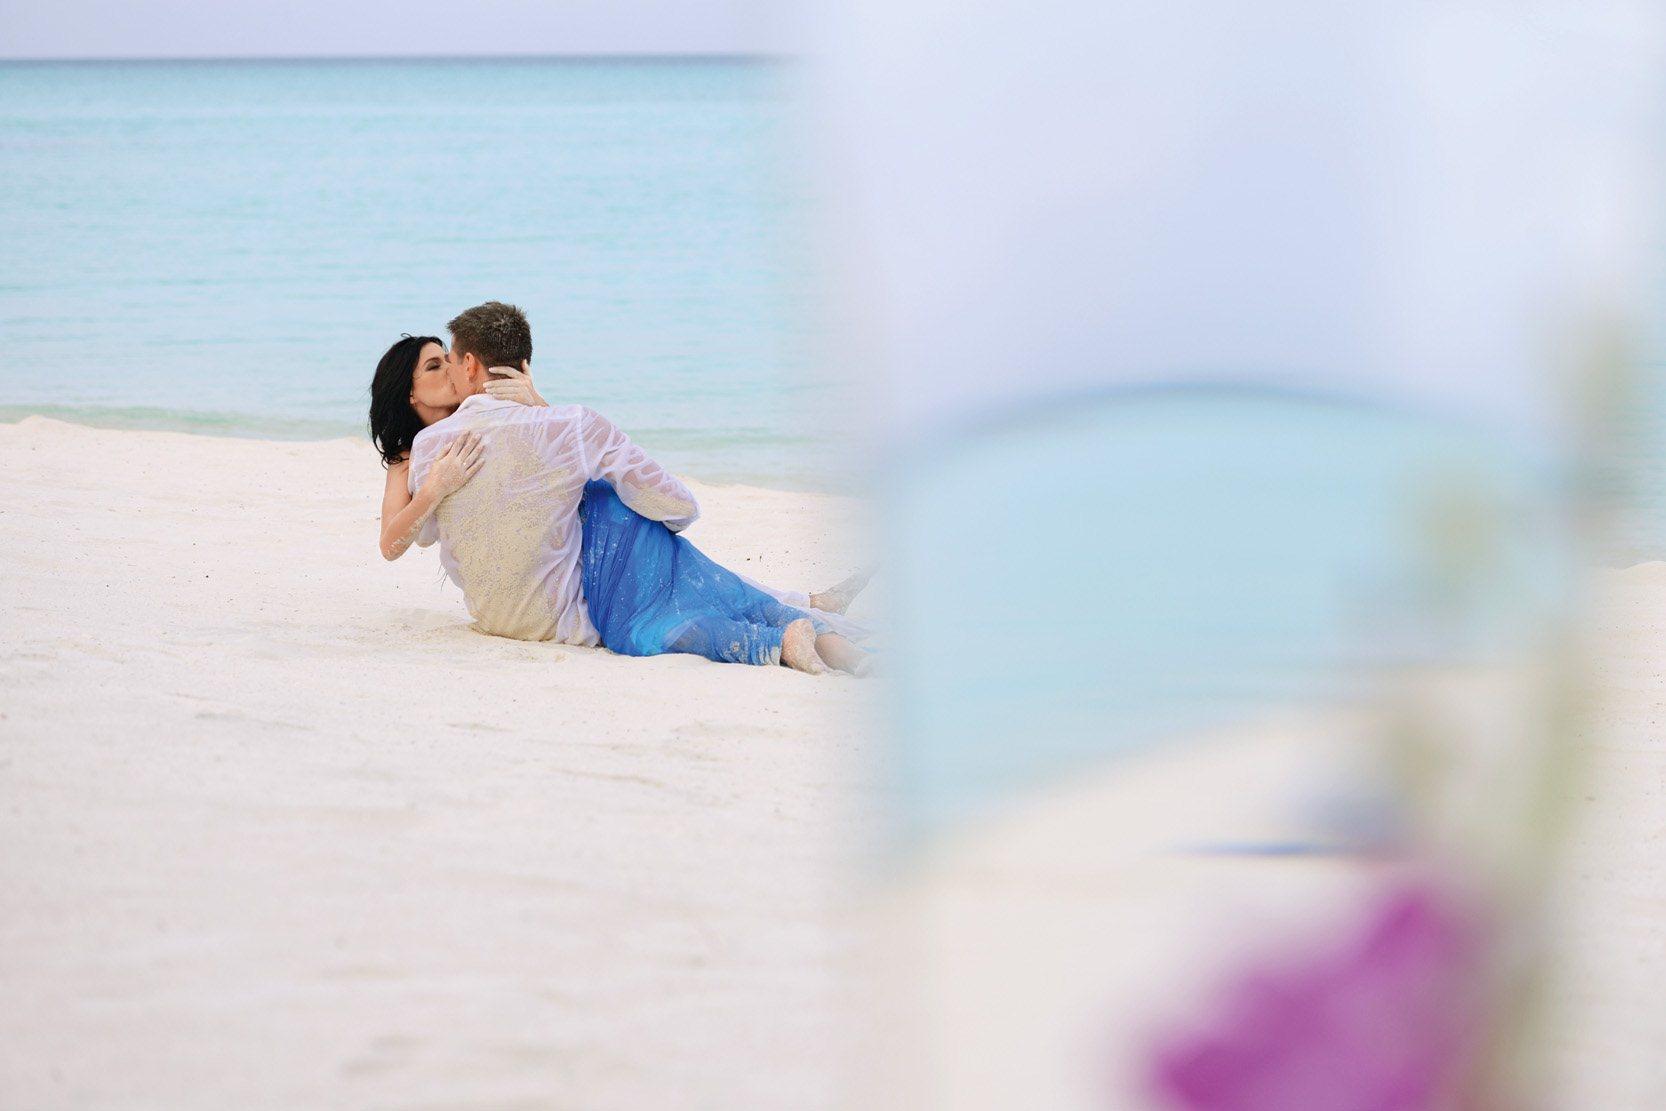 Елена темникова и дмитрий сергеев фото свадьбы